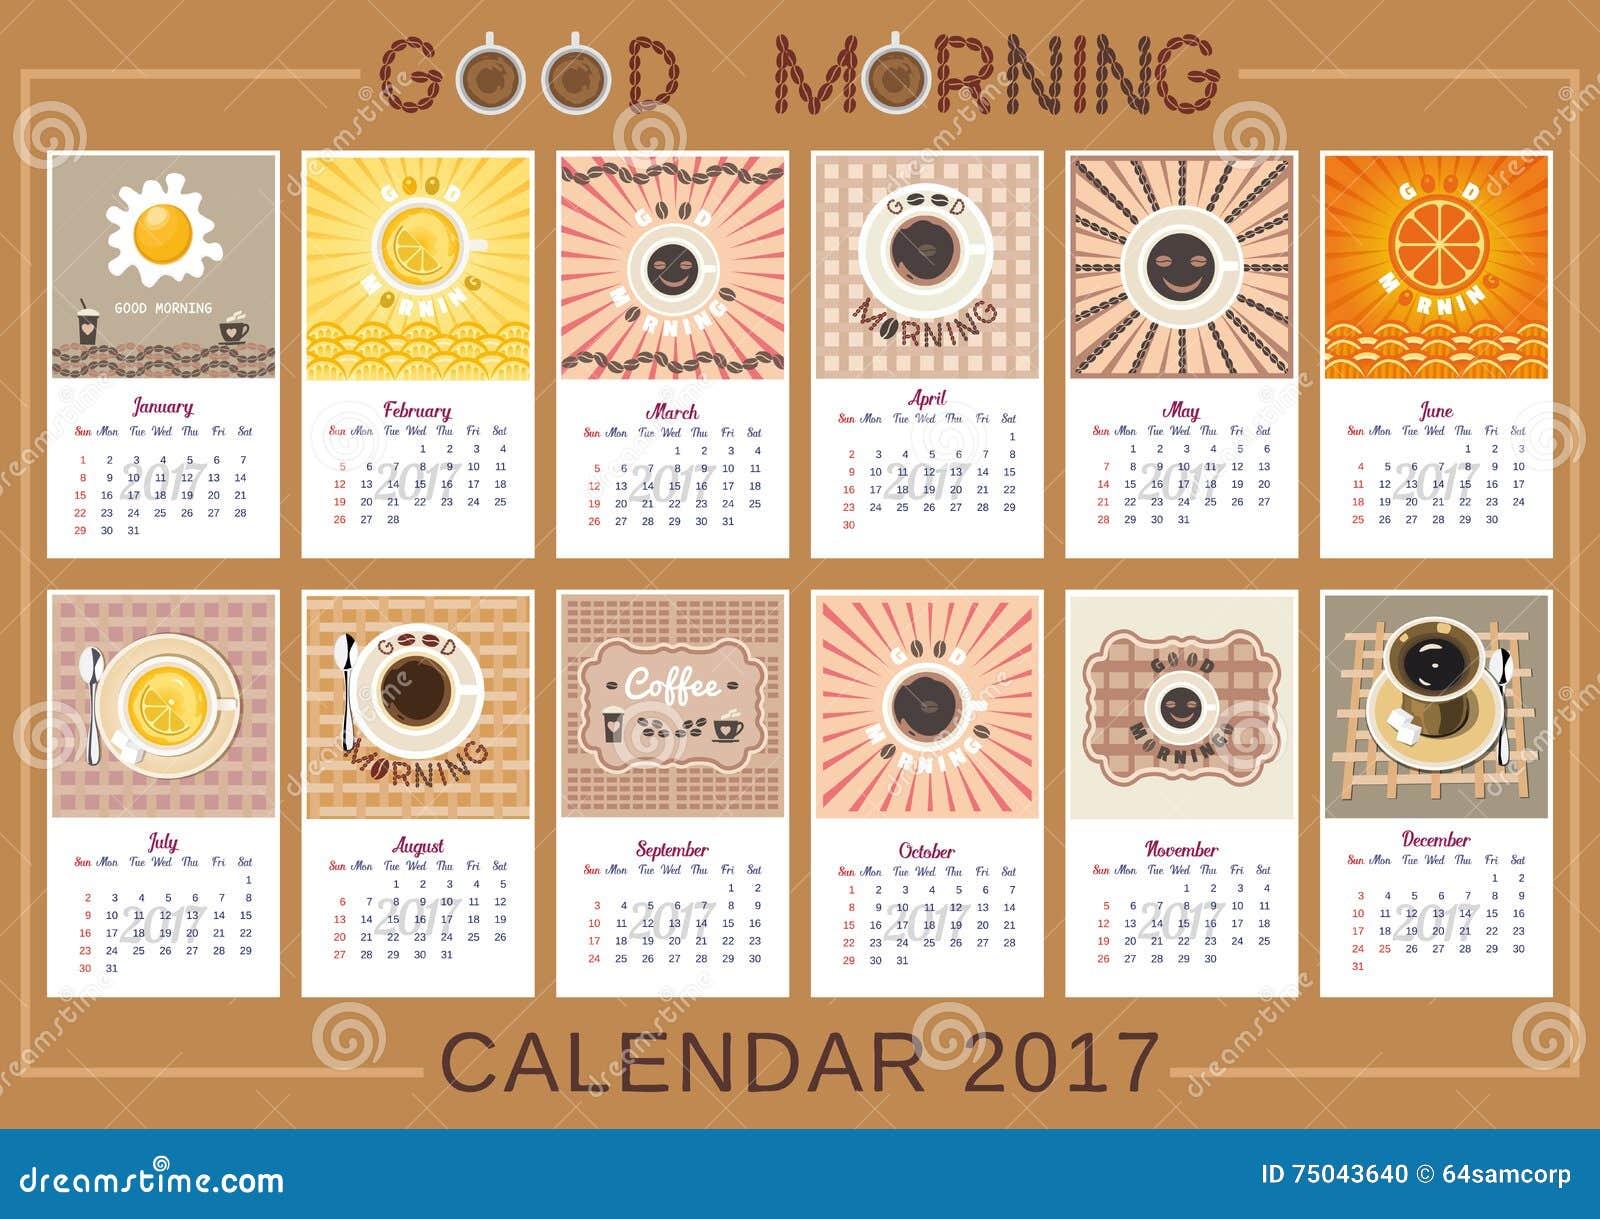 Good Calendar Design : Good morning calendar stock vector image